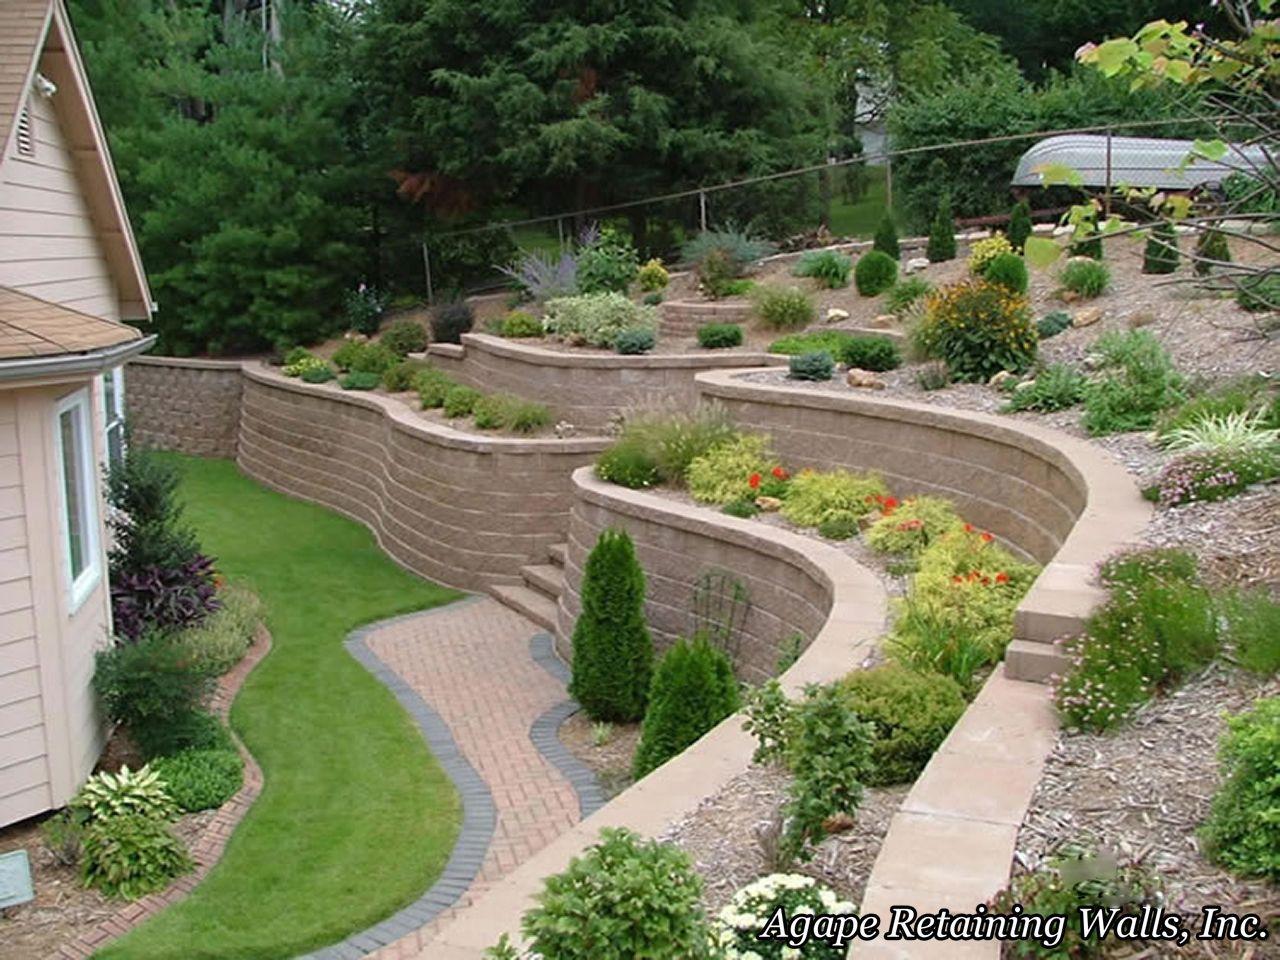 Terraced Backyard Landscaping Ideas - Backyard Pict ... on Terraced Backyard Garden id=64314